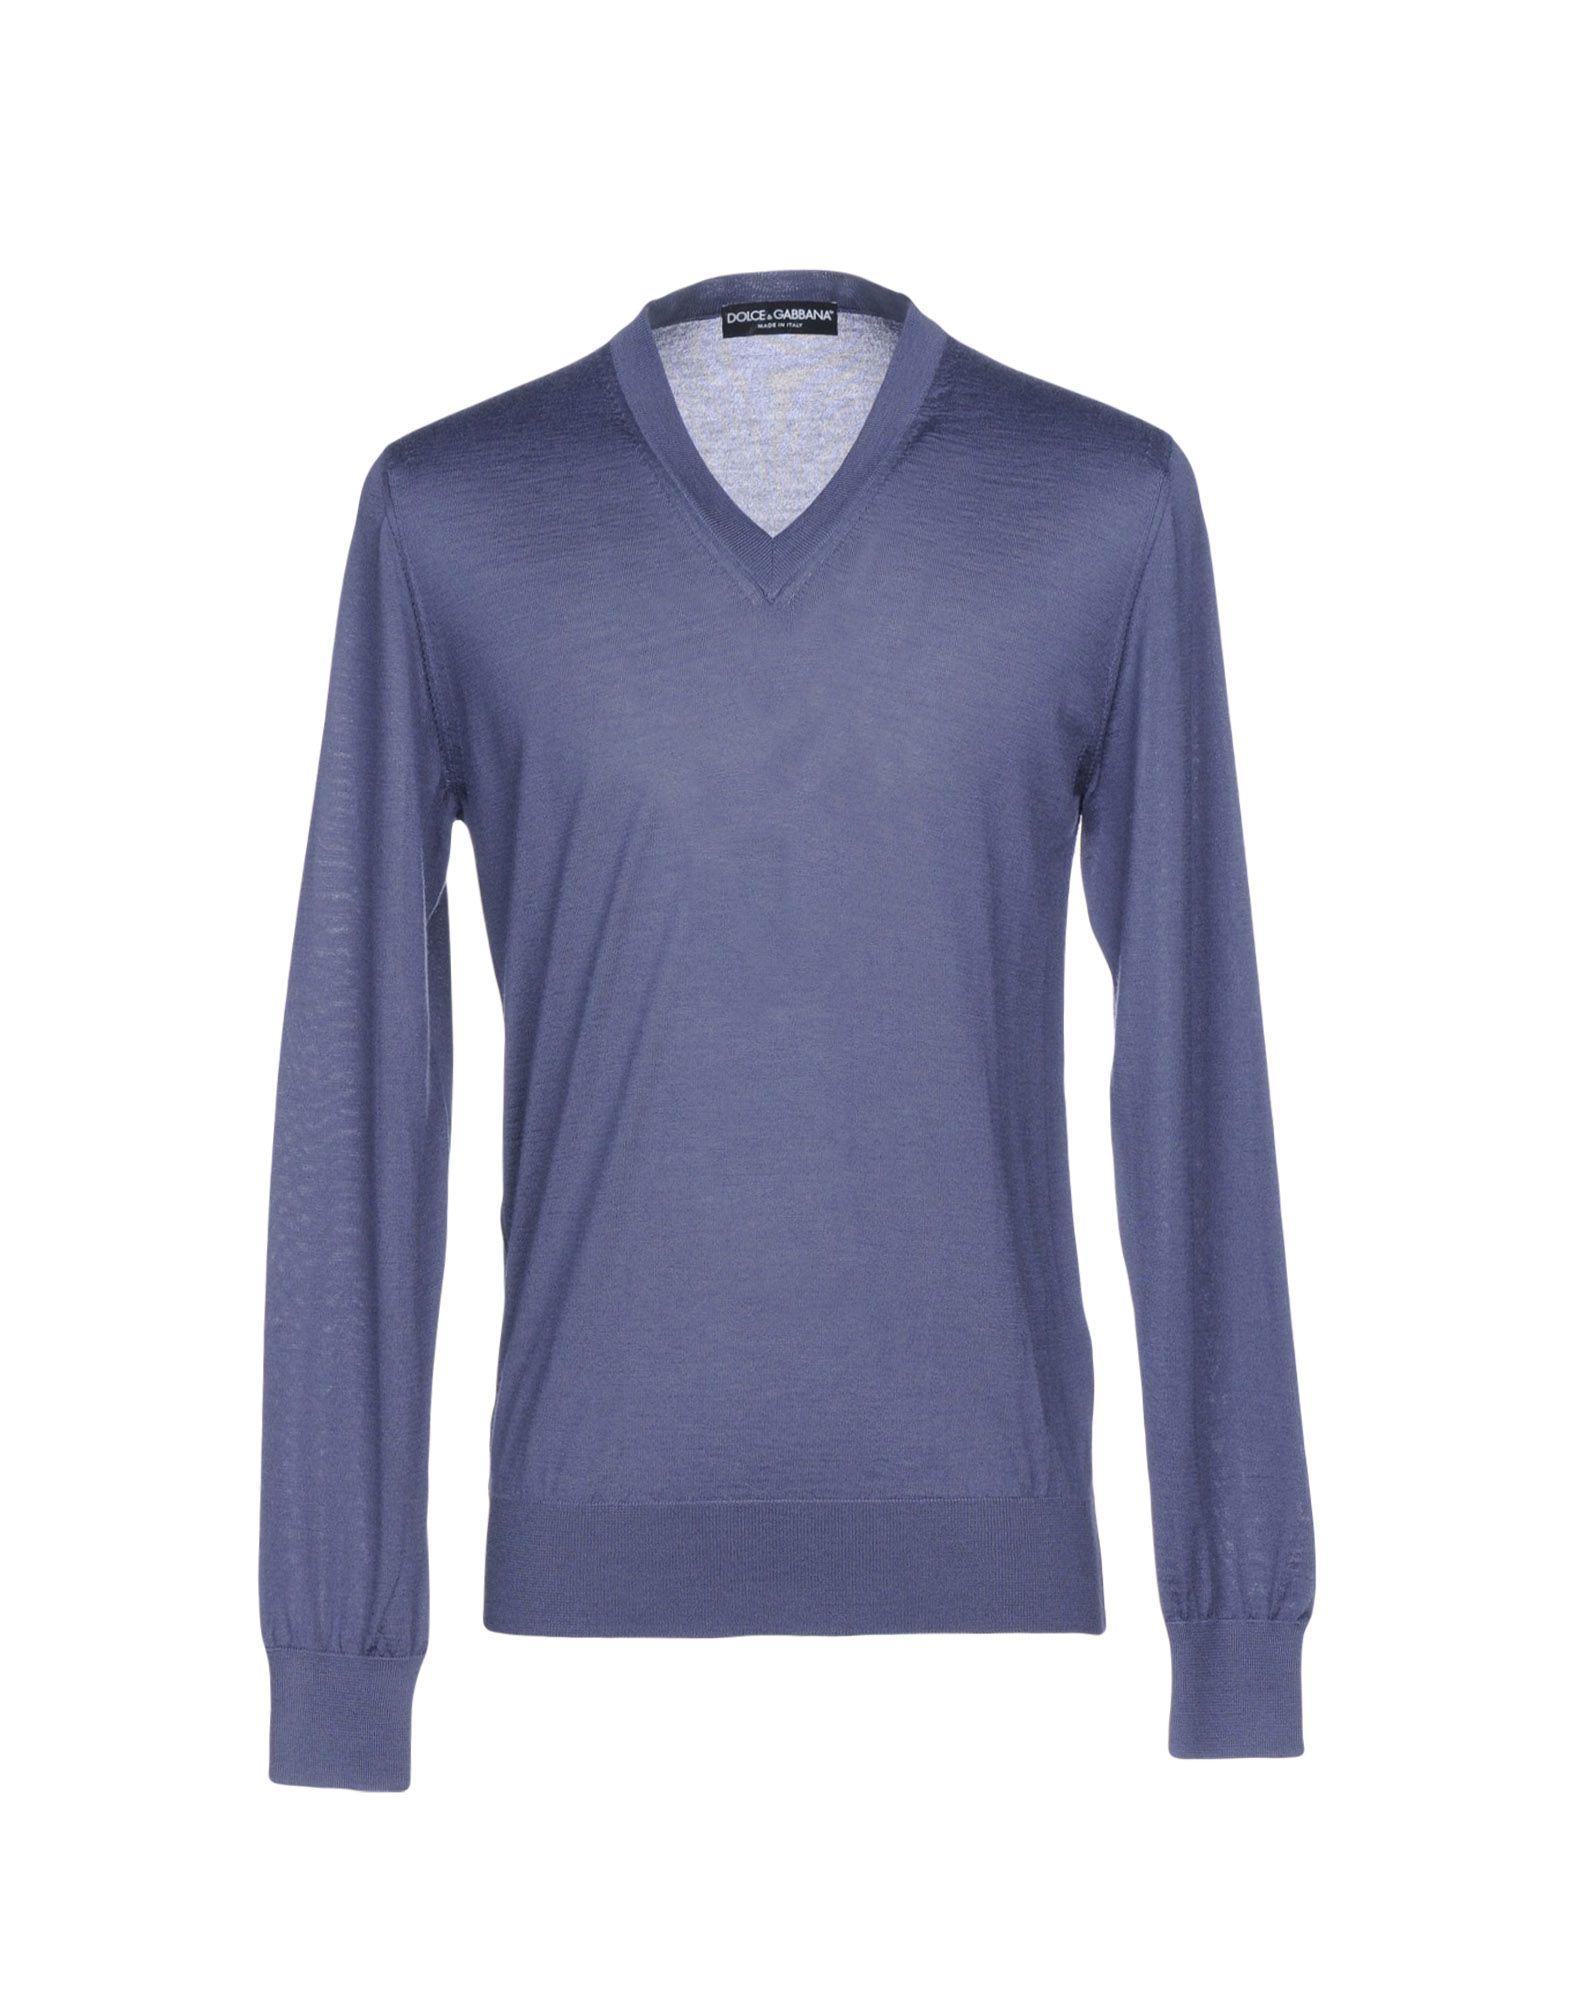 Dolce & Gabbana Cashmere Blend In Purple